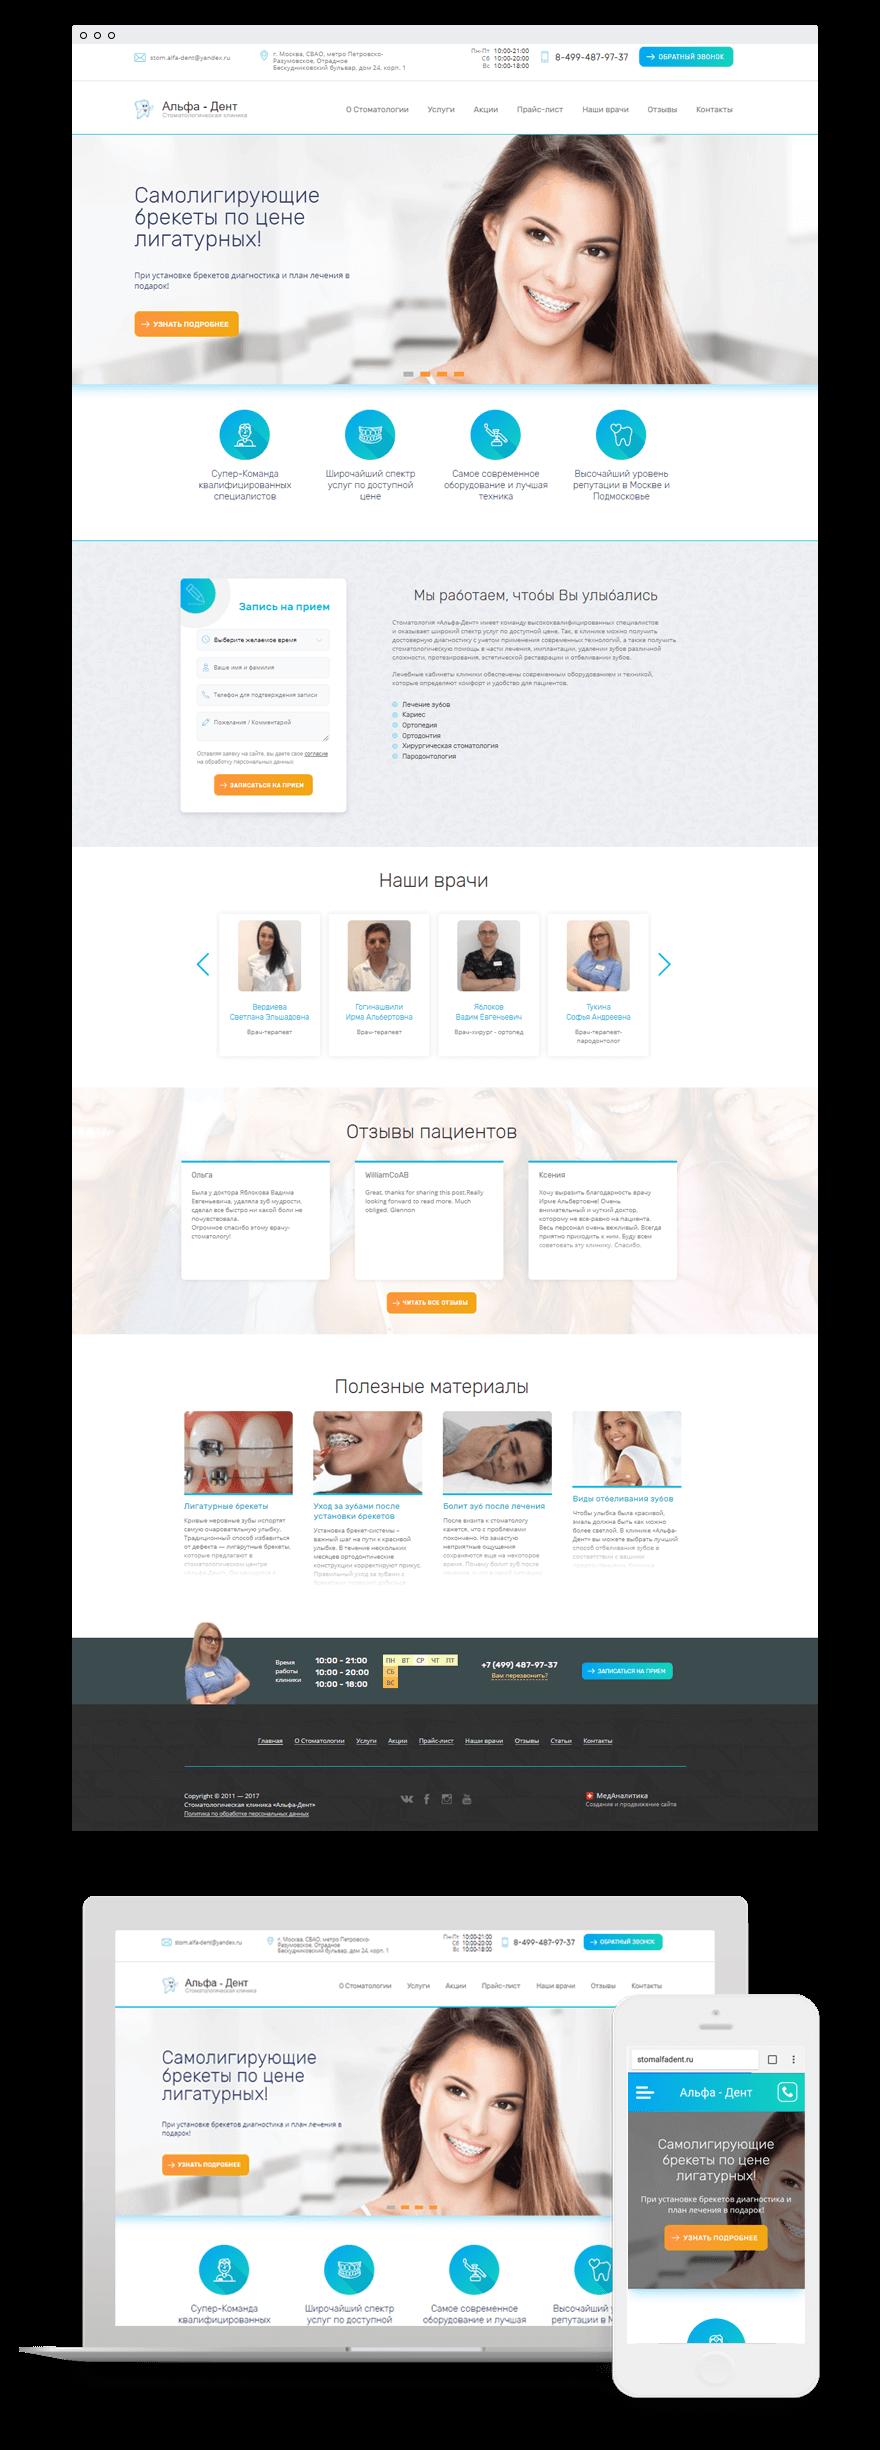 Сайт клиники Альфа Дент